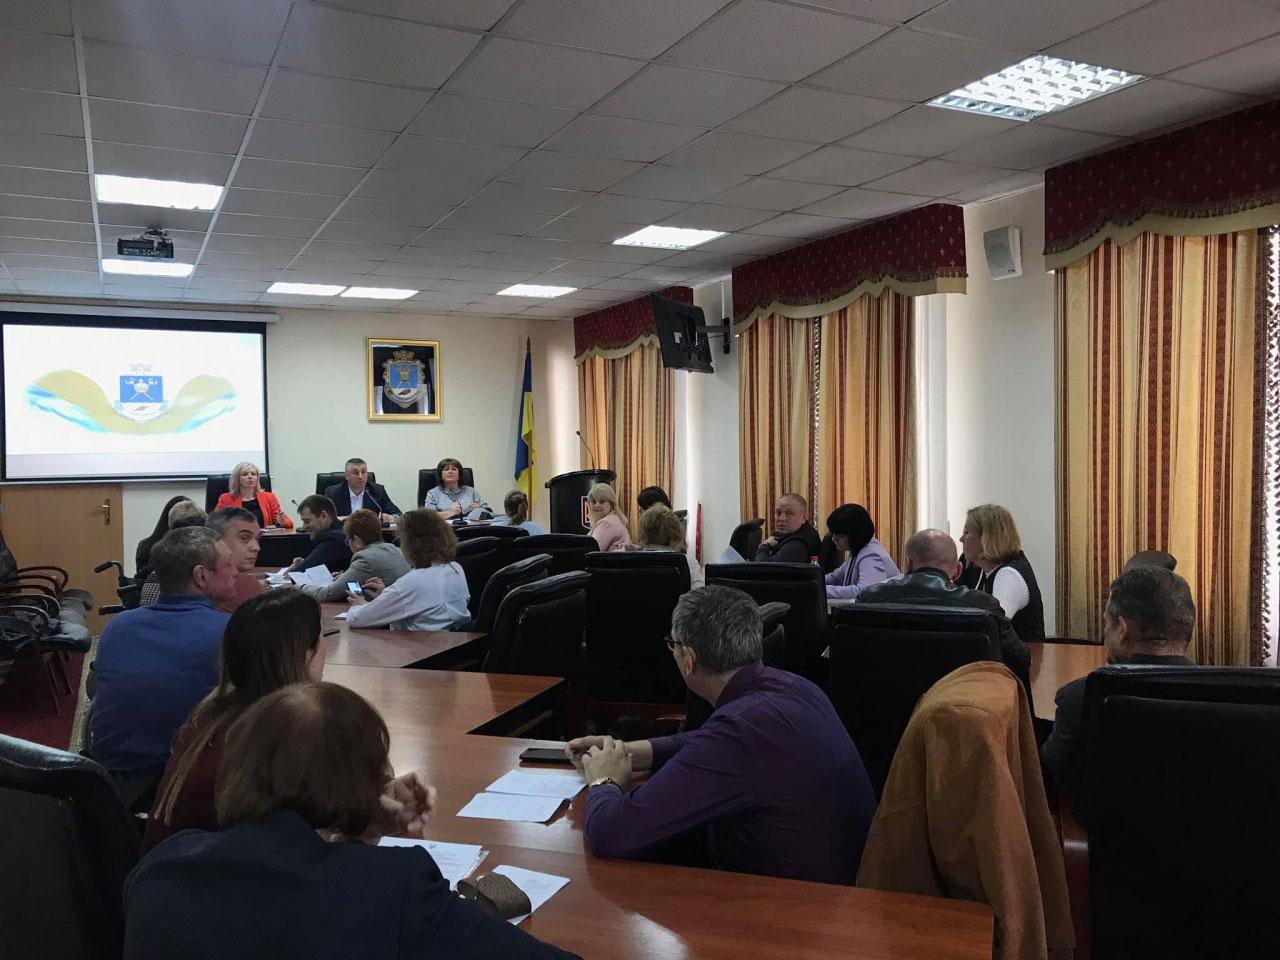 На Миколаївщині триває робота зі створення безперешкодних умов на соціально-важливих об'єктах для маломобільних груп населення